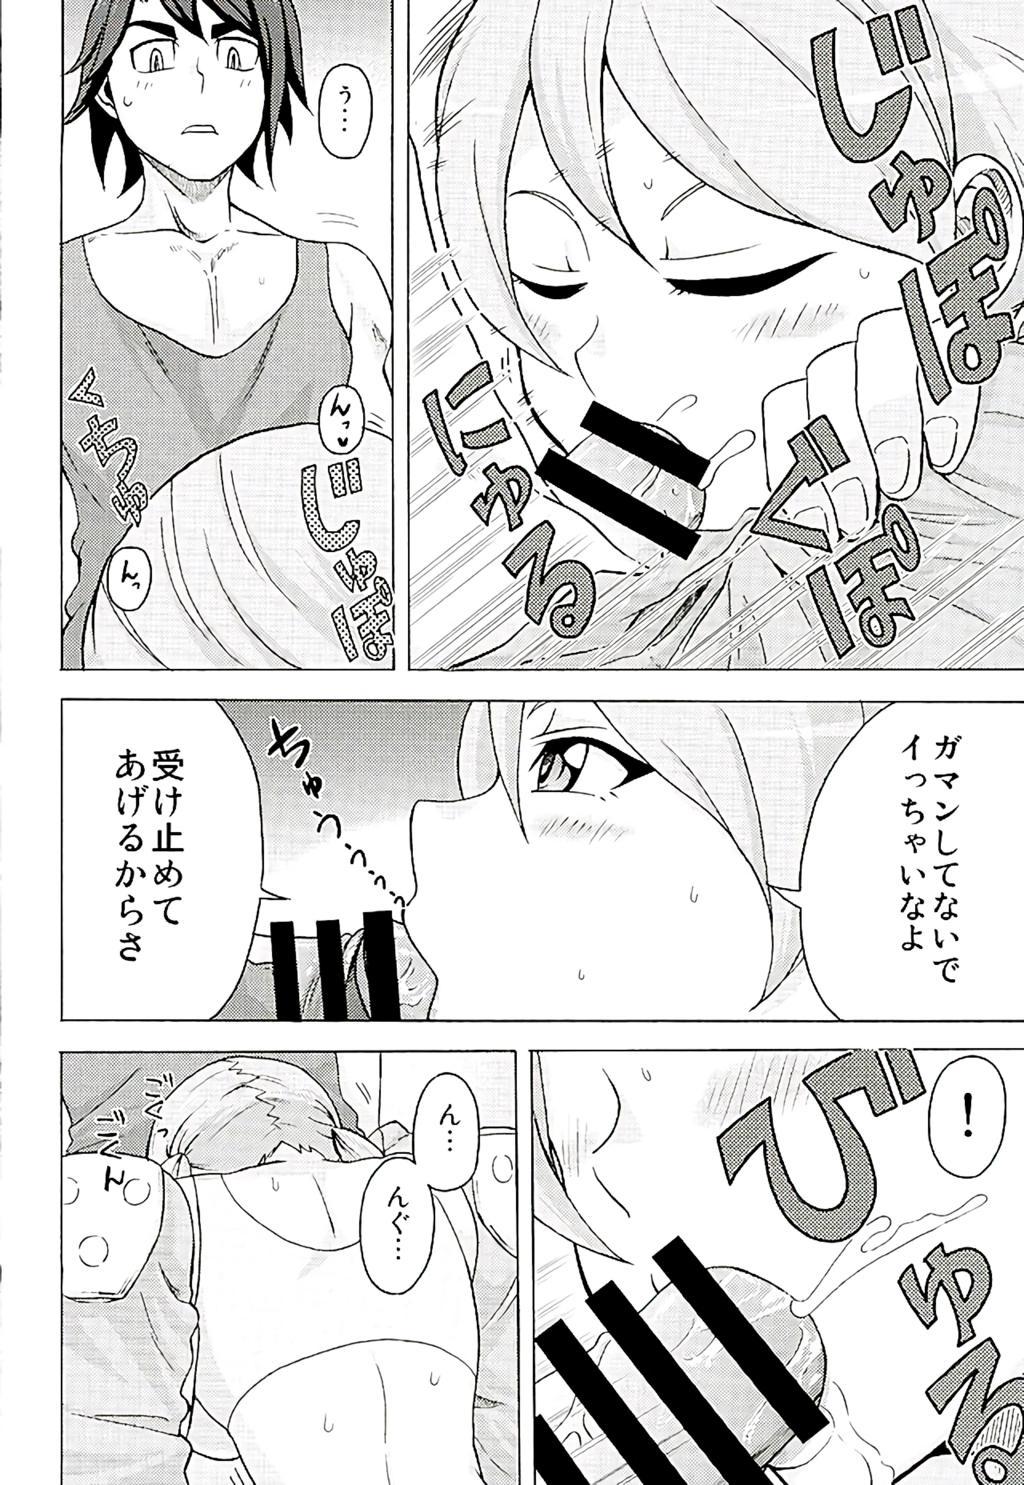 Tekkadan Fudeoroshi System 2